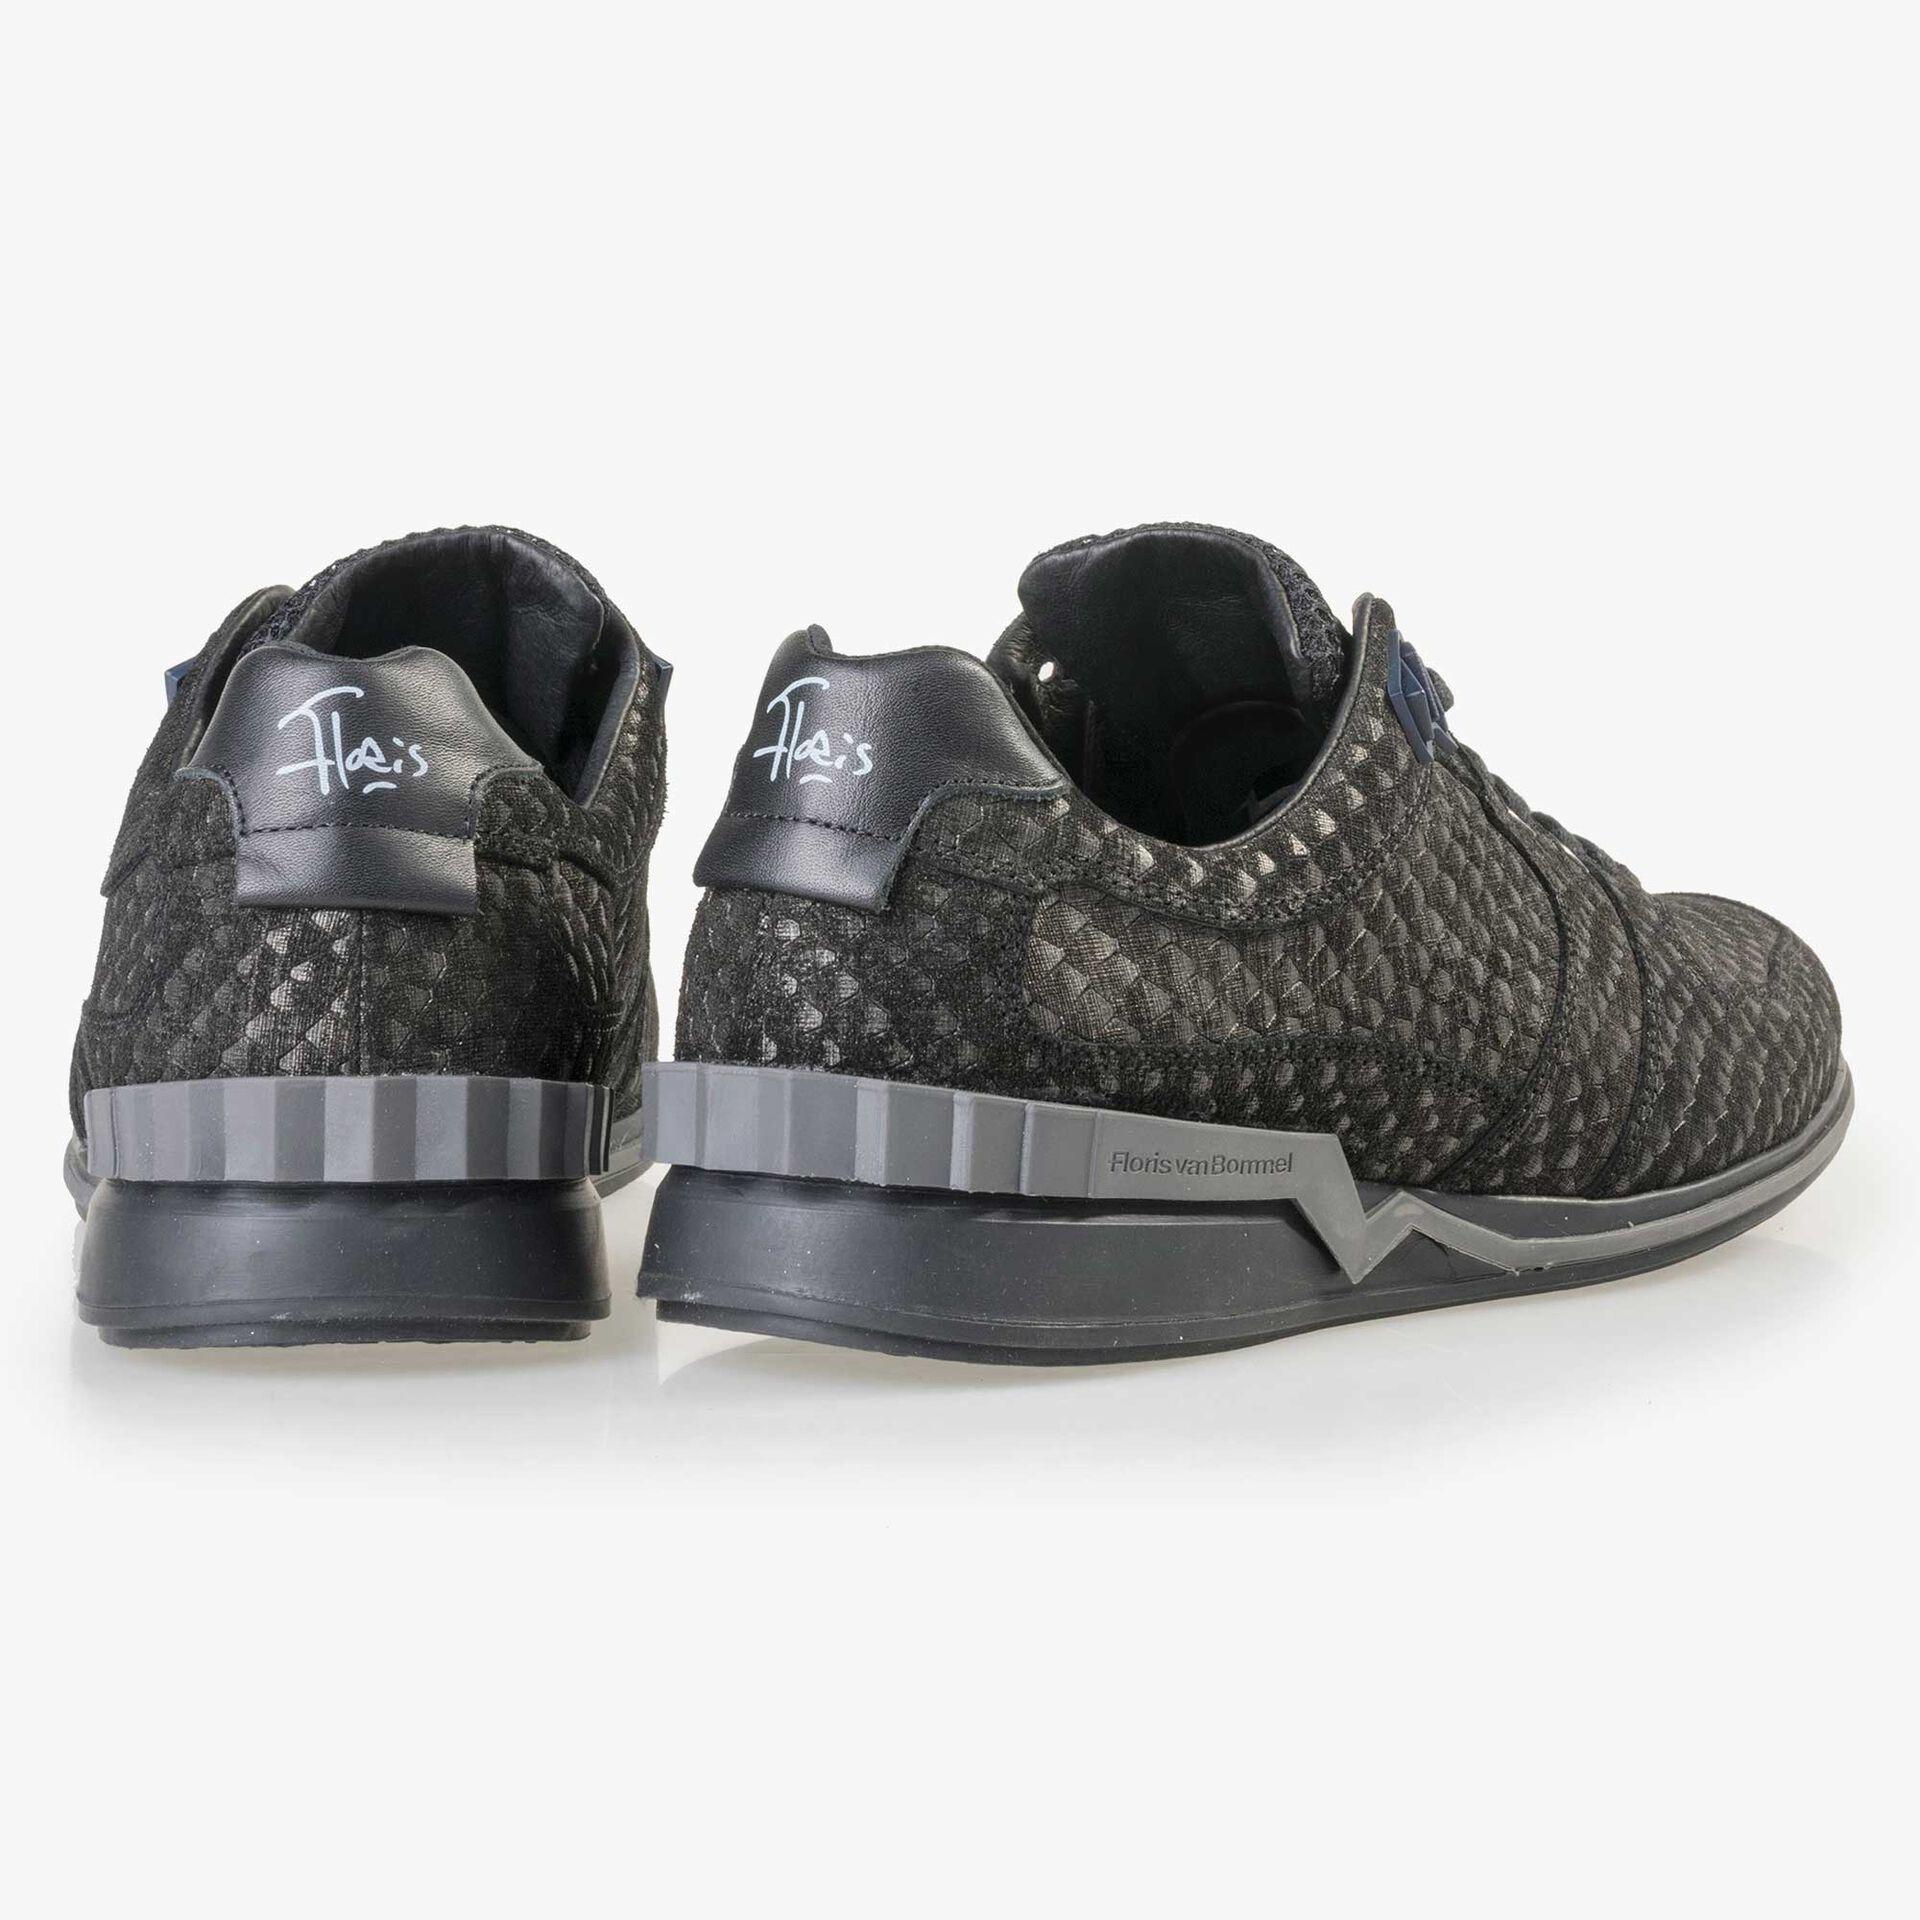 Floris van Bommel grey suede leather snake print sneaker